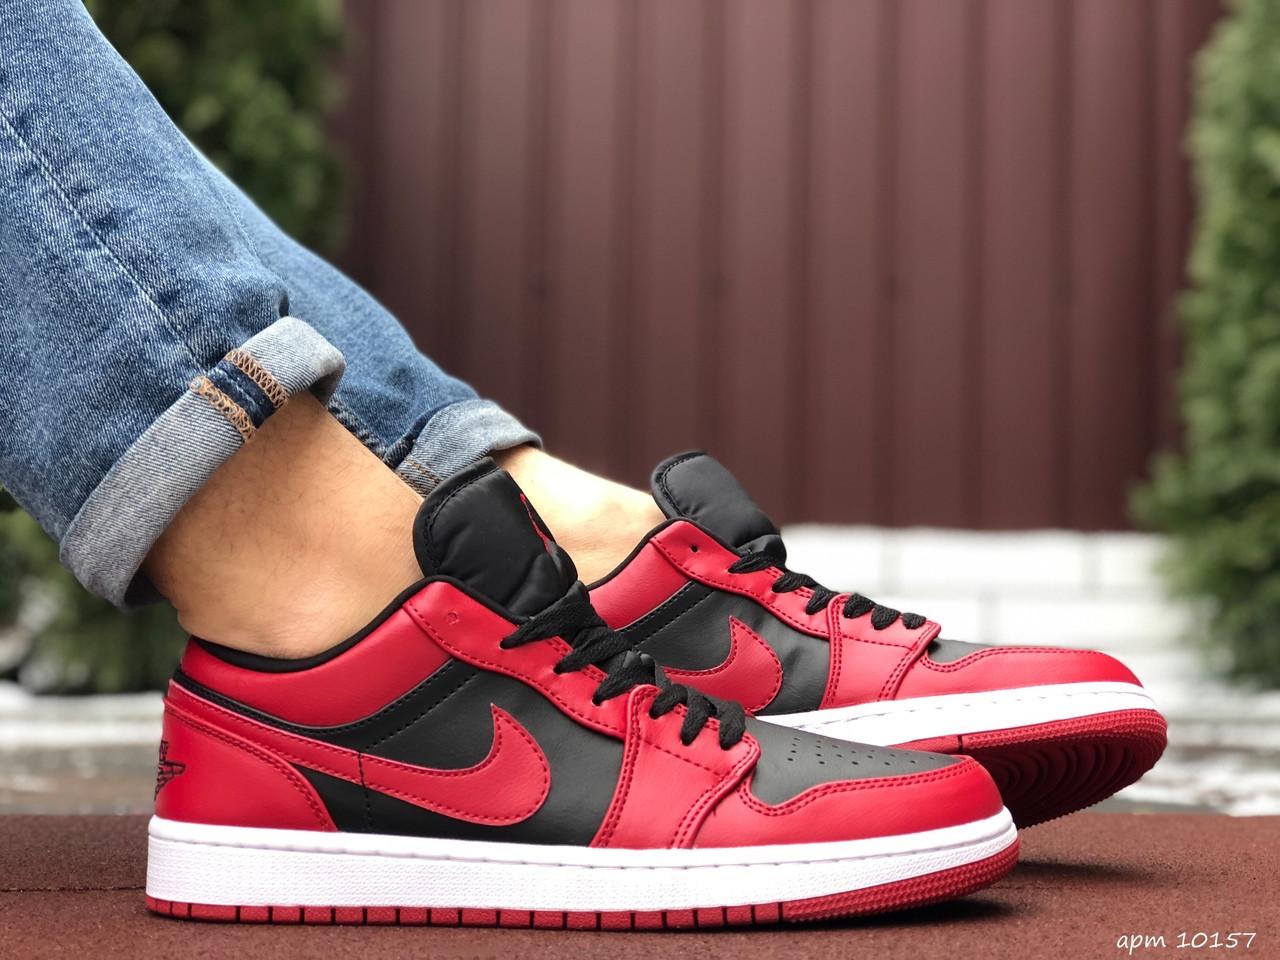 Мужские кожаные кроссовки Nike Air Jordan 1 Low (черно-красные) 10157 баскетбольная обувь